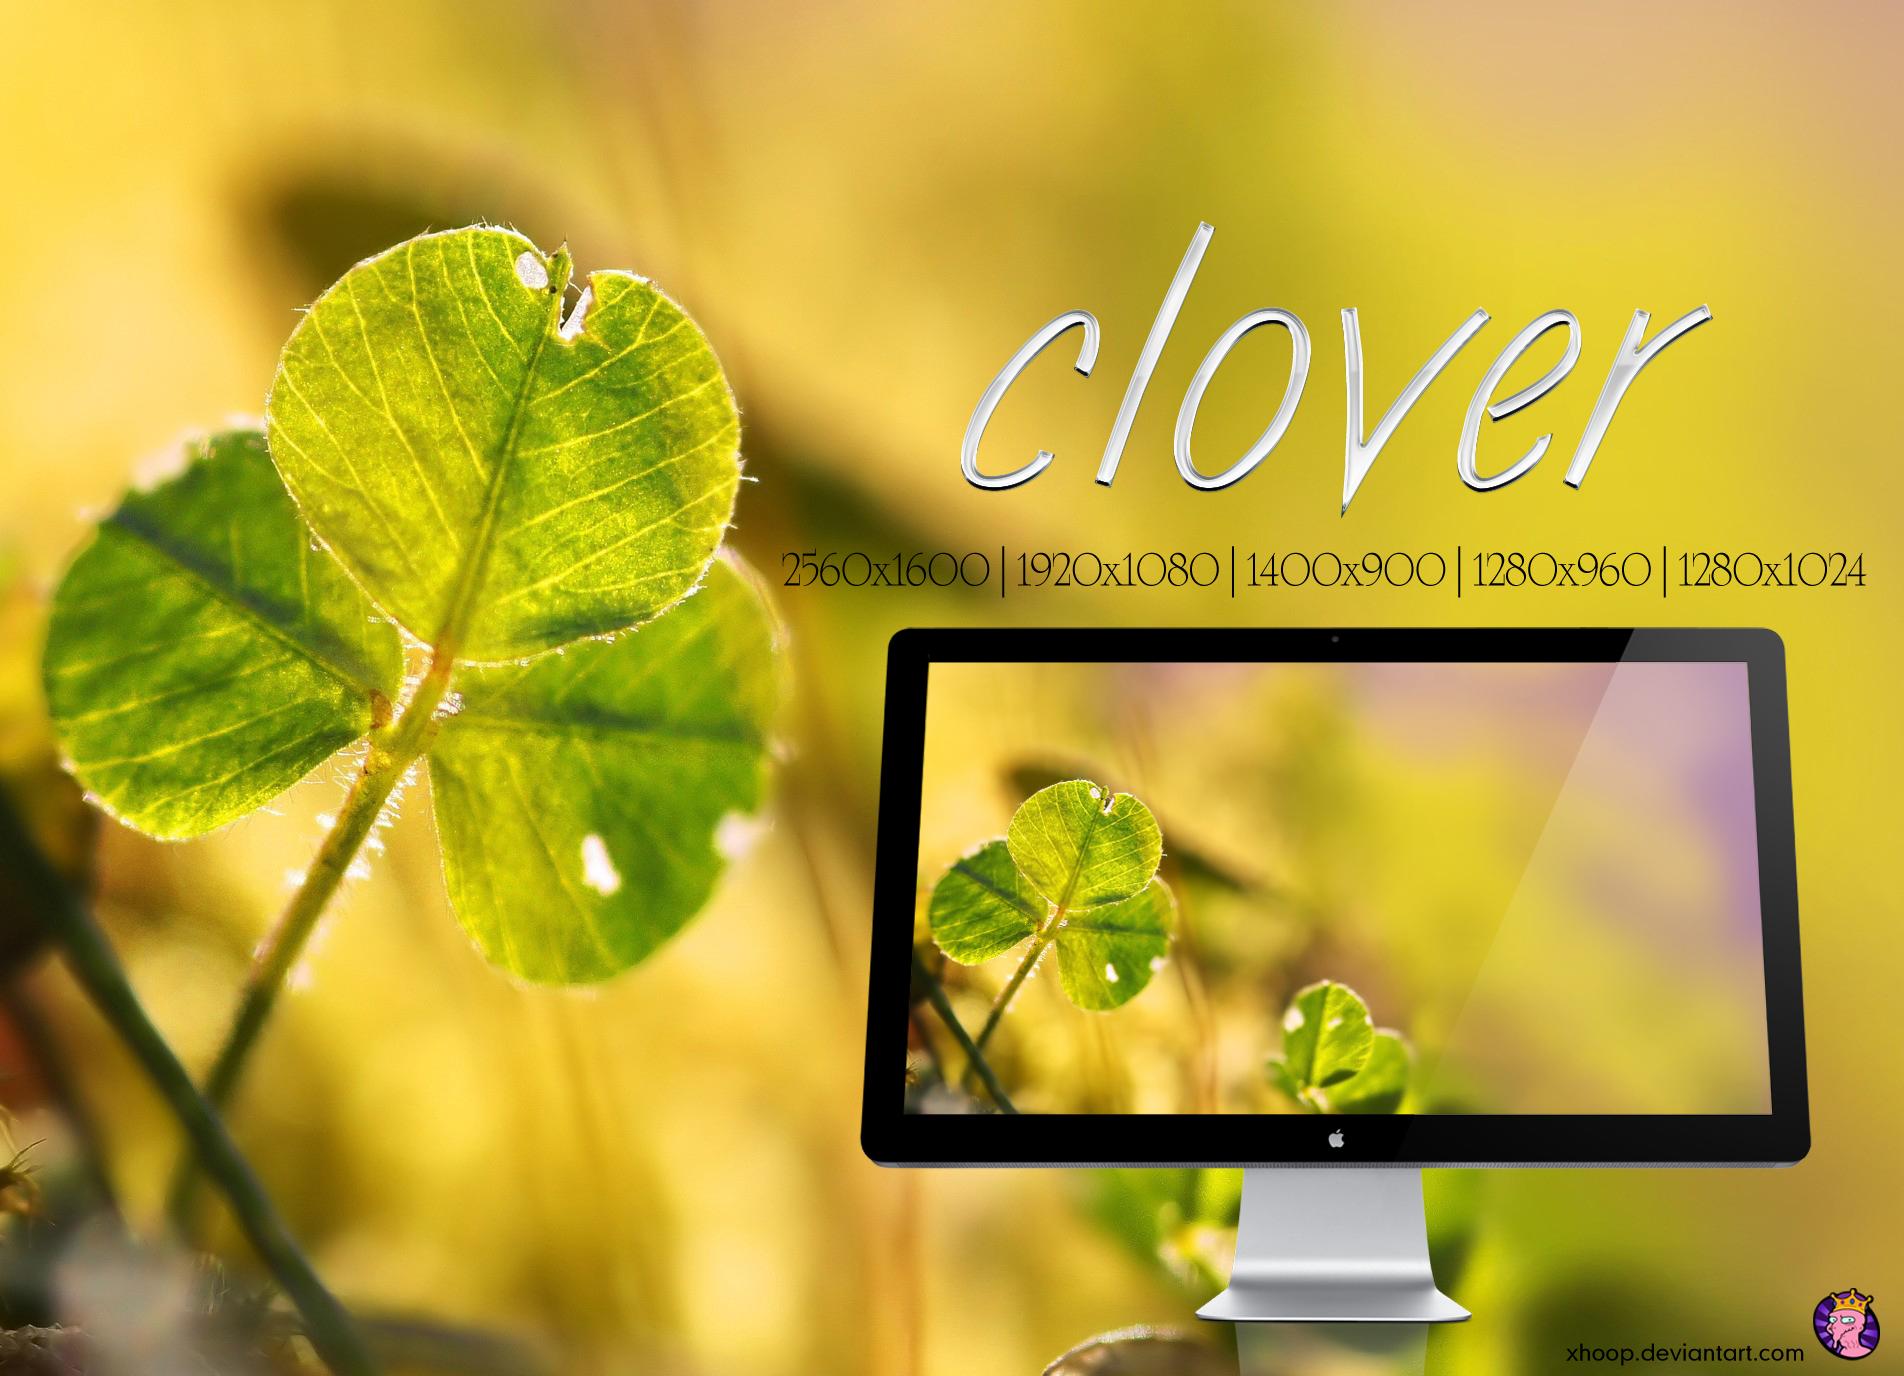 Clover wallpaper